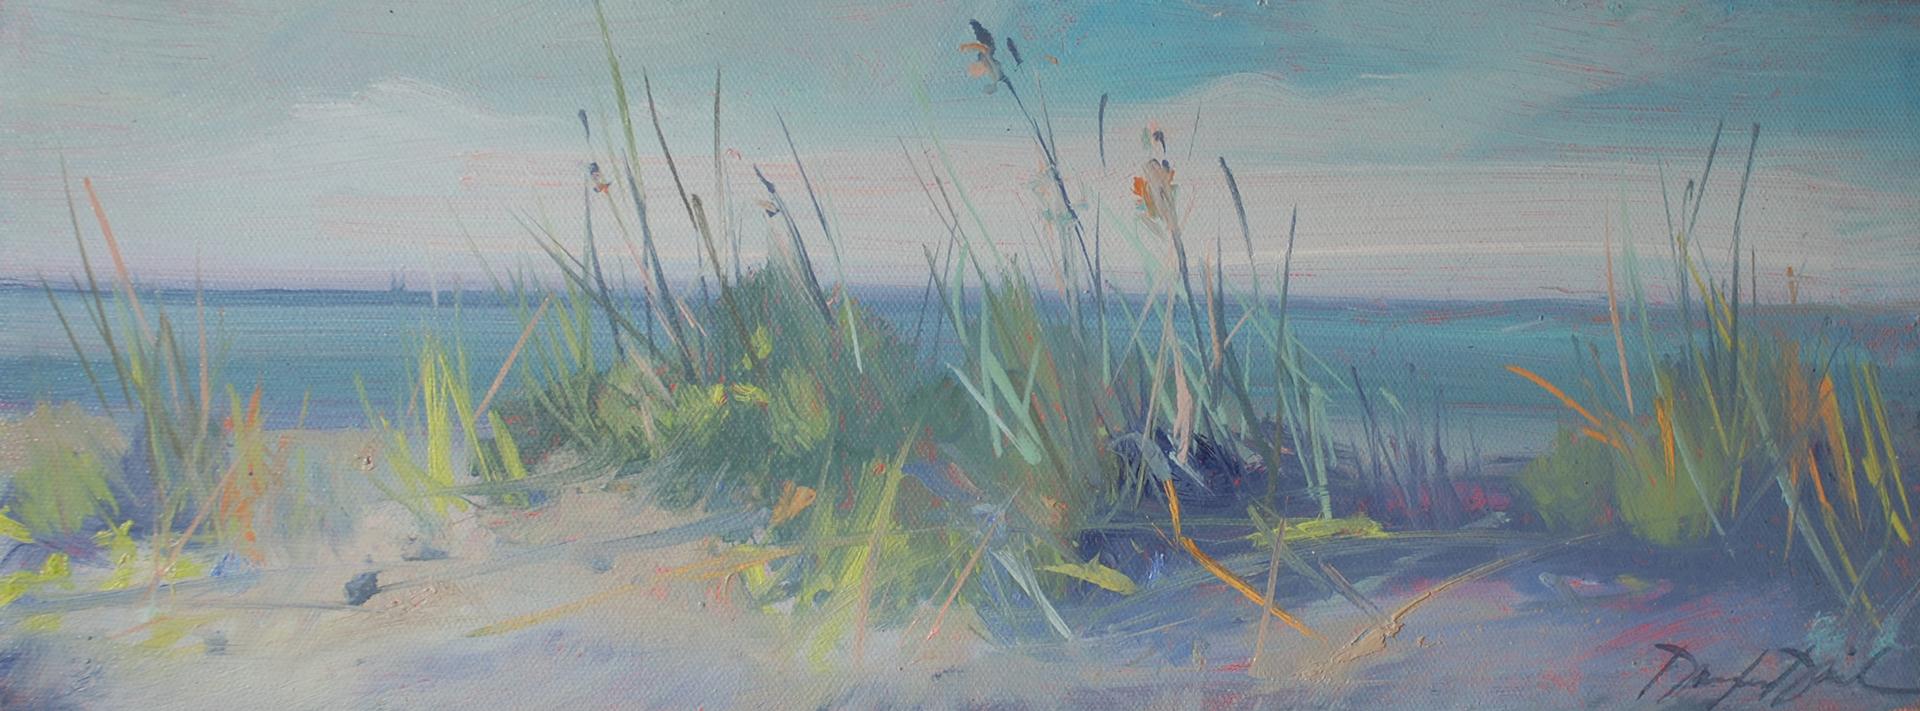 Douglas David, Painting